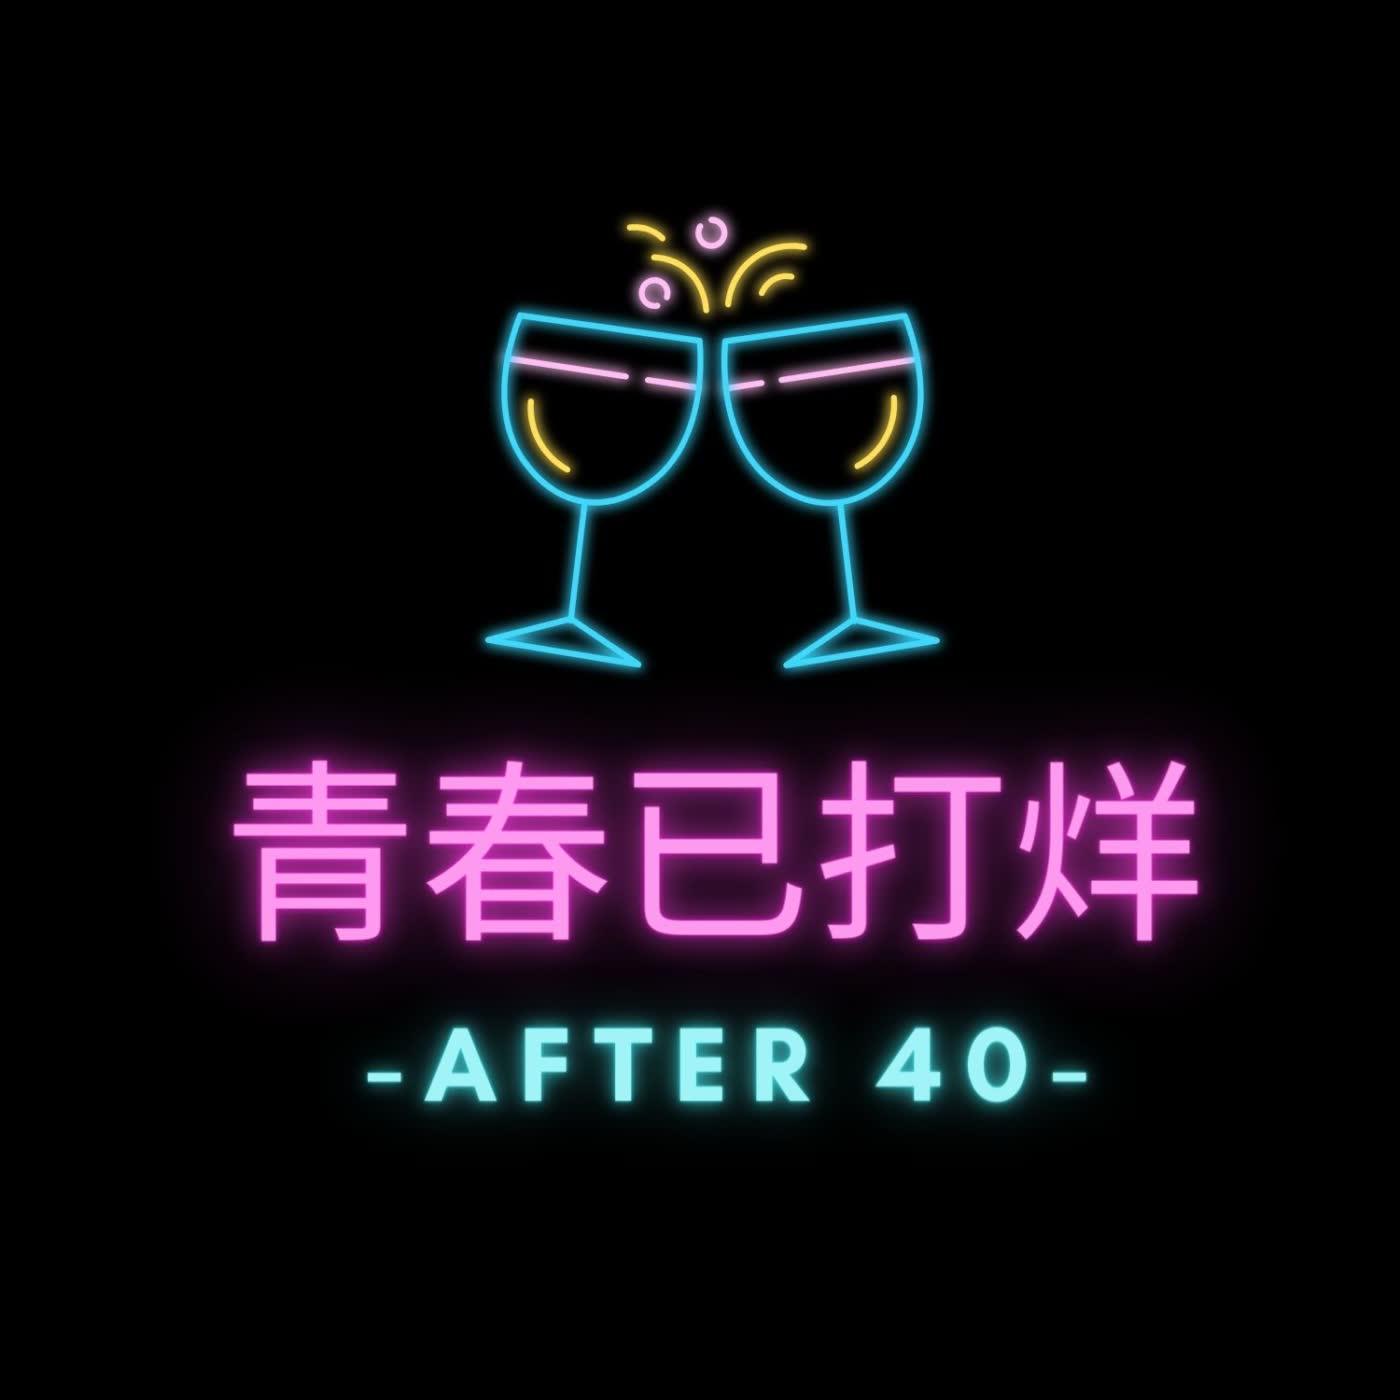 常常酒酒 讓友情長長久久